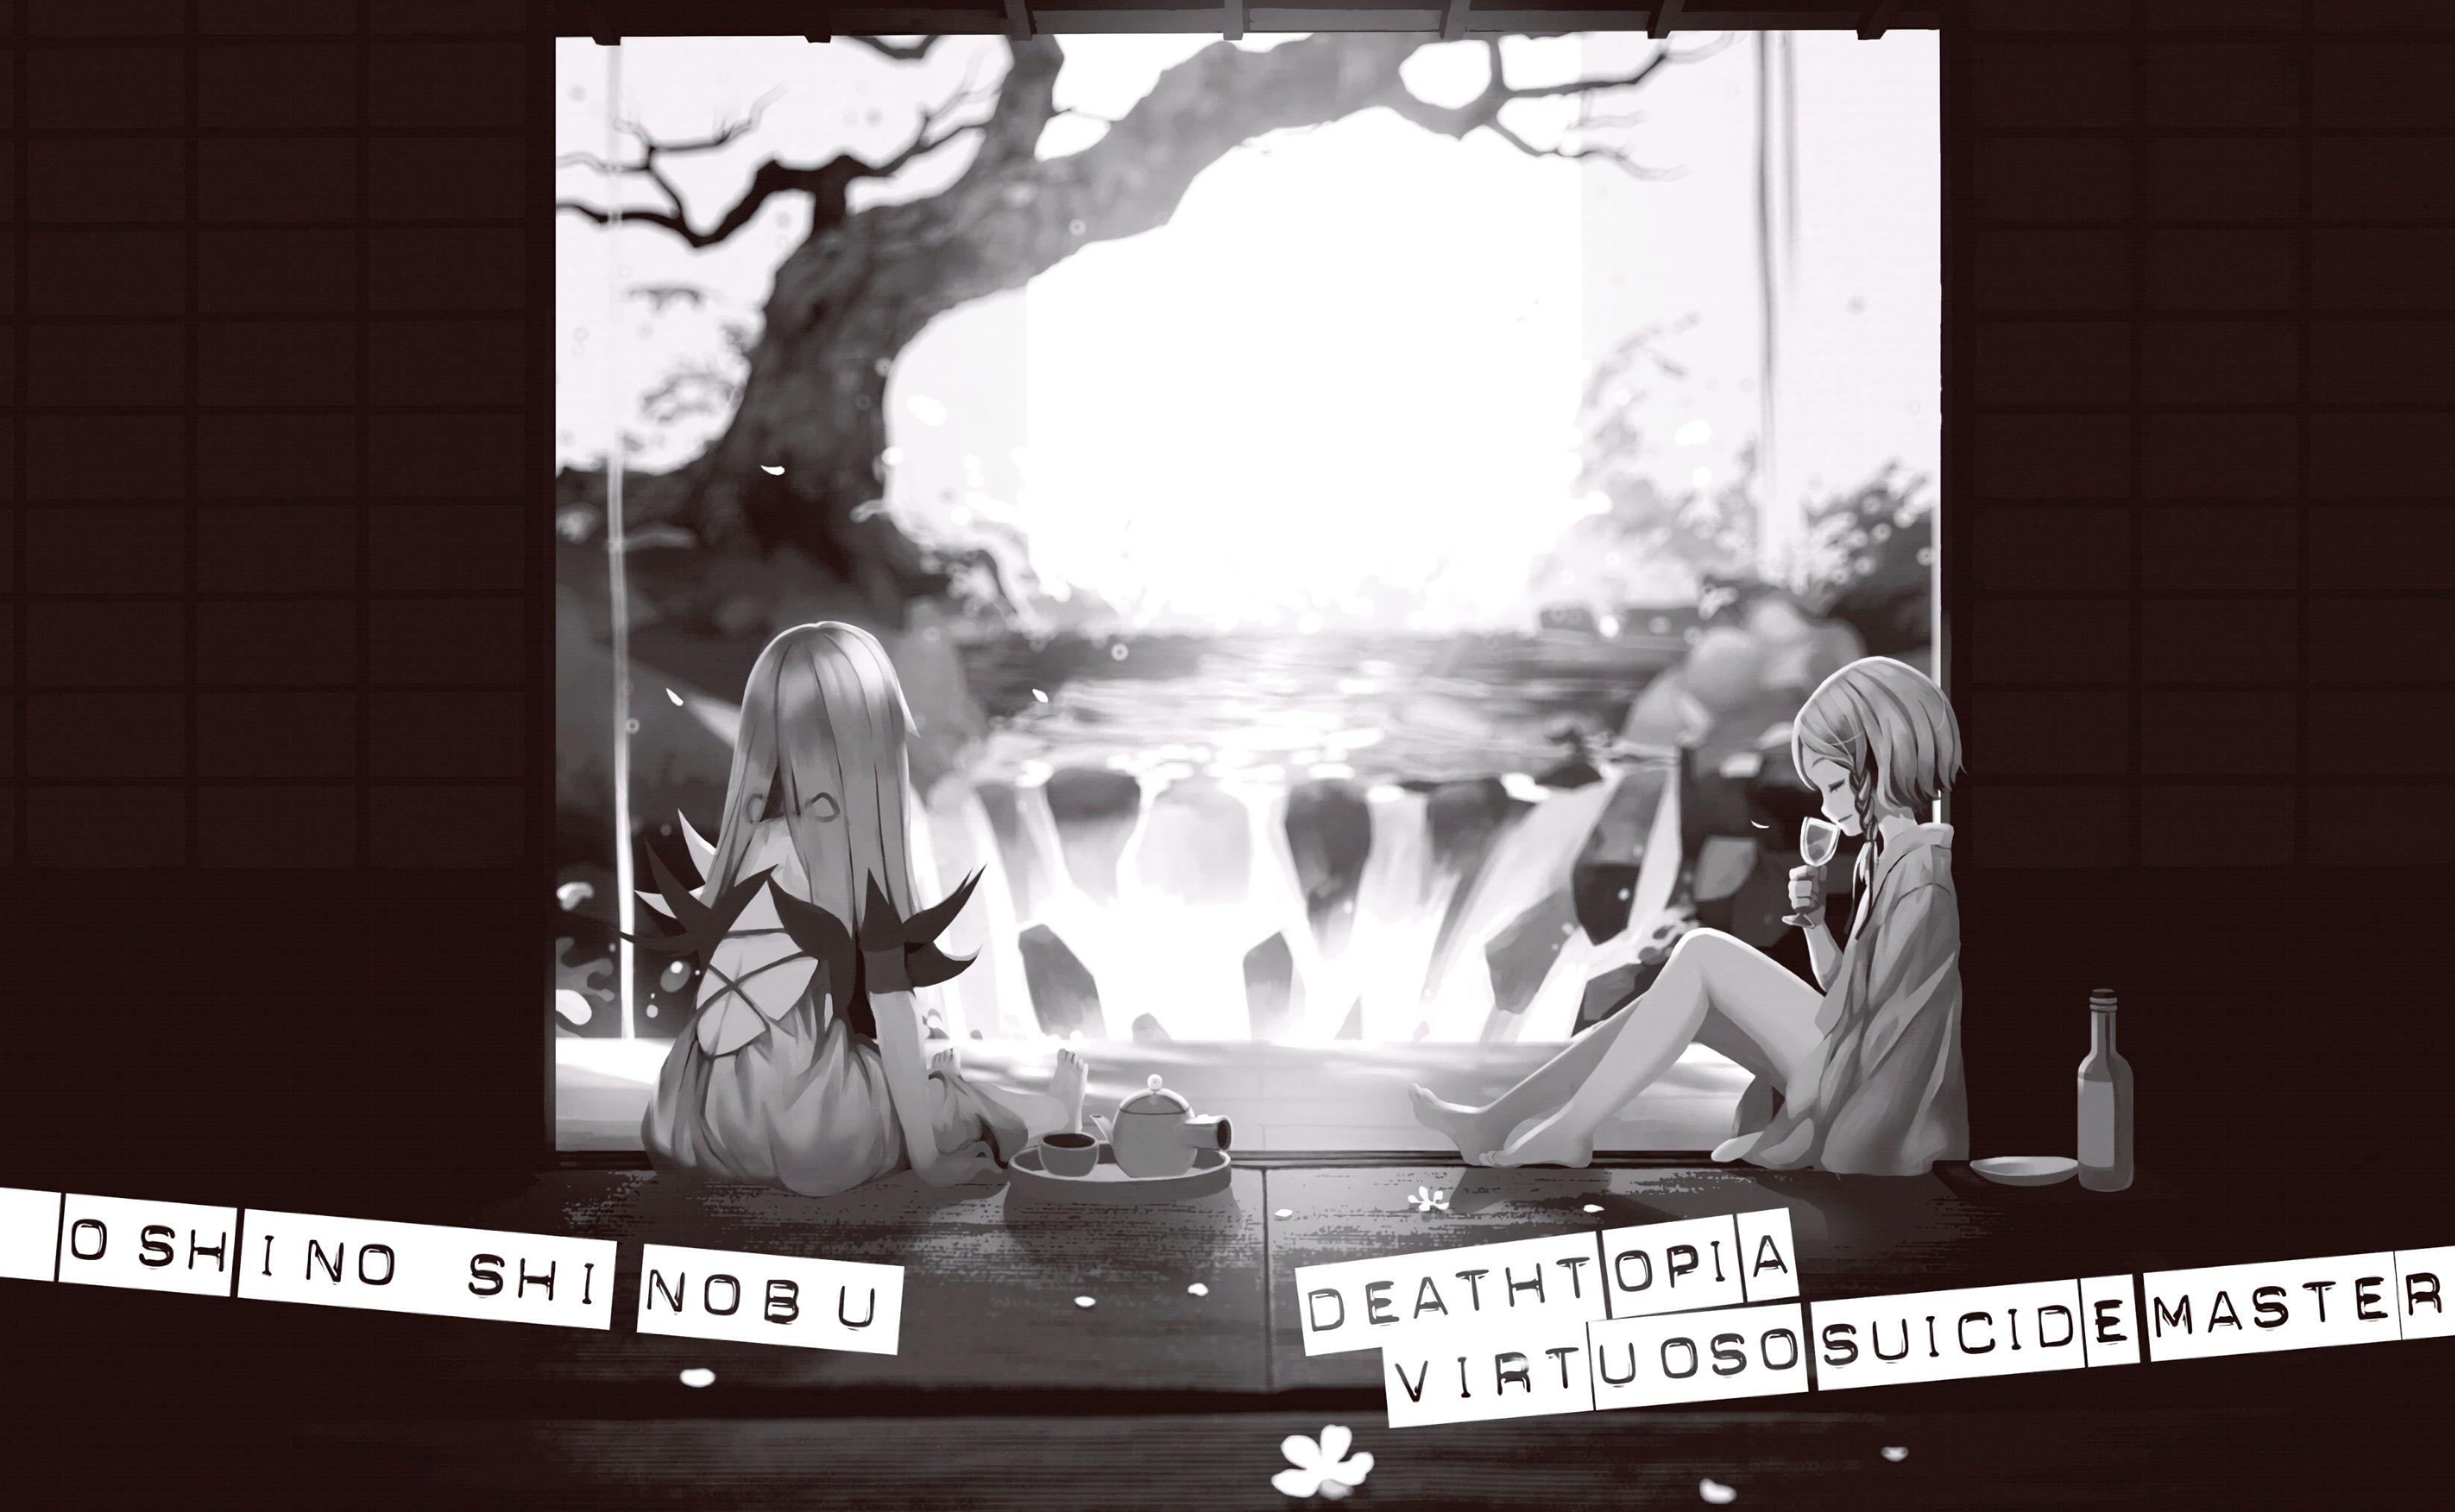 Deathtopia Virtuoso Suicide-Master